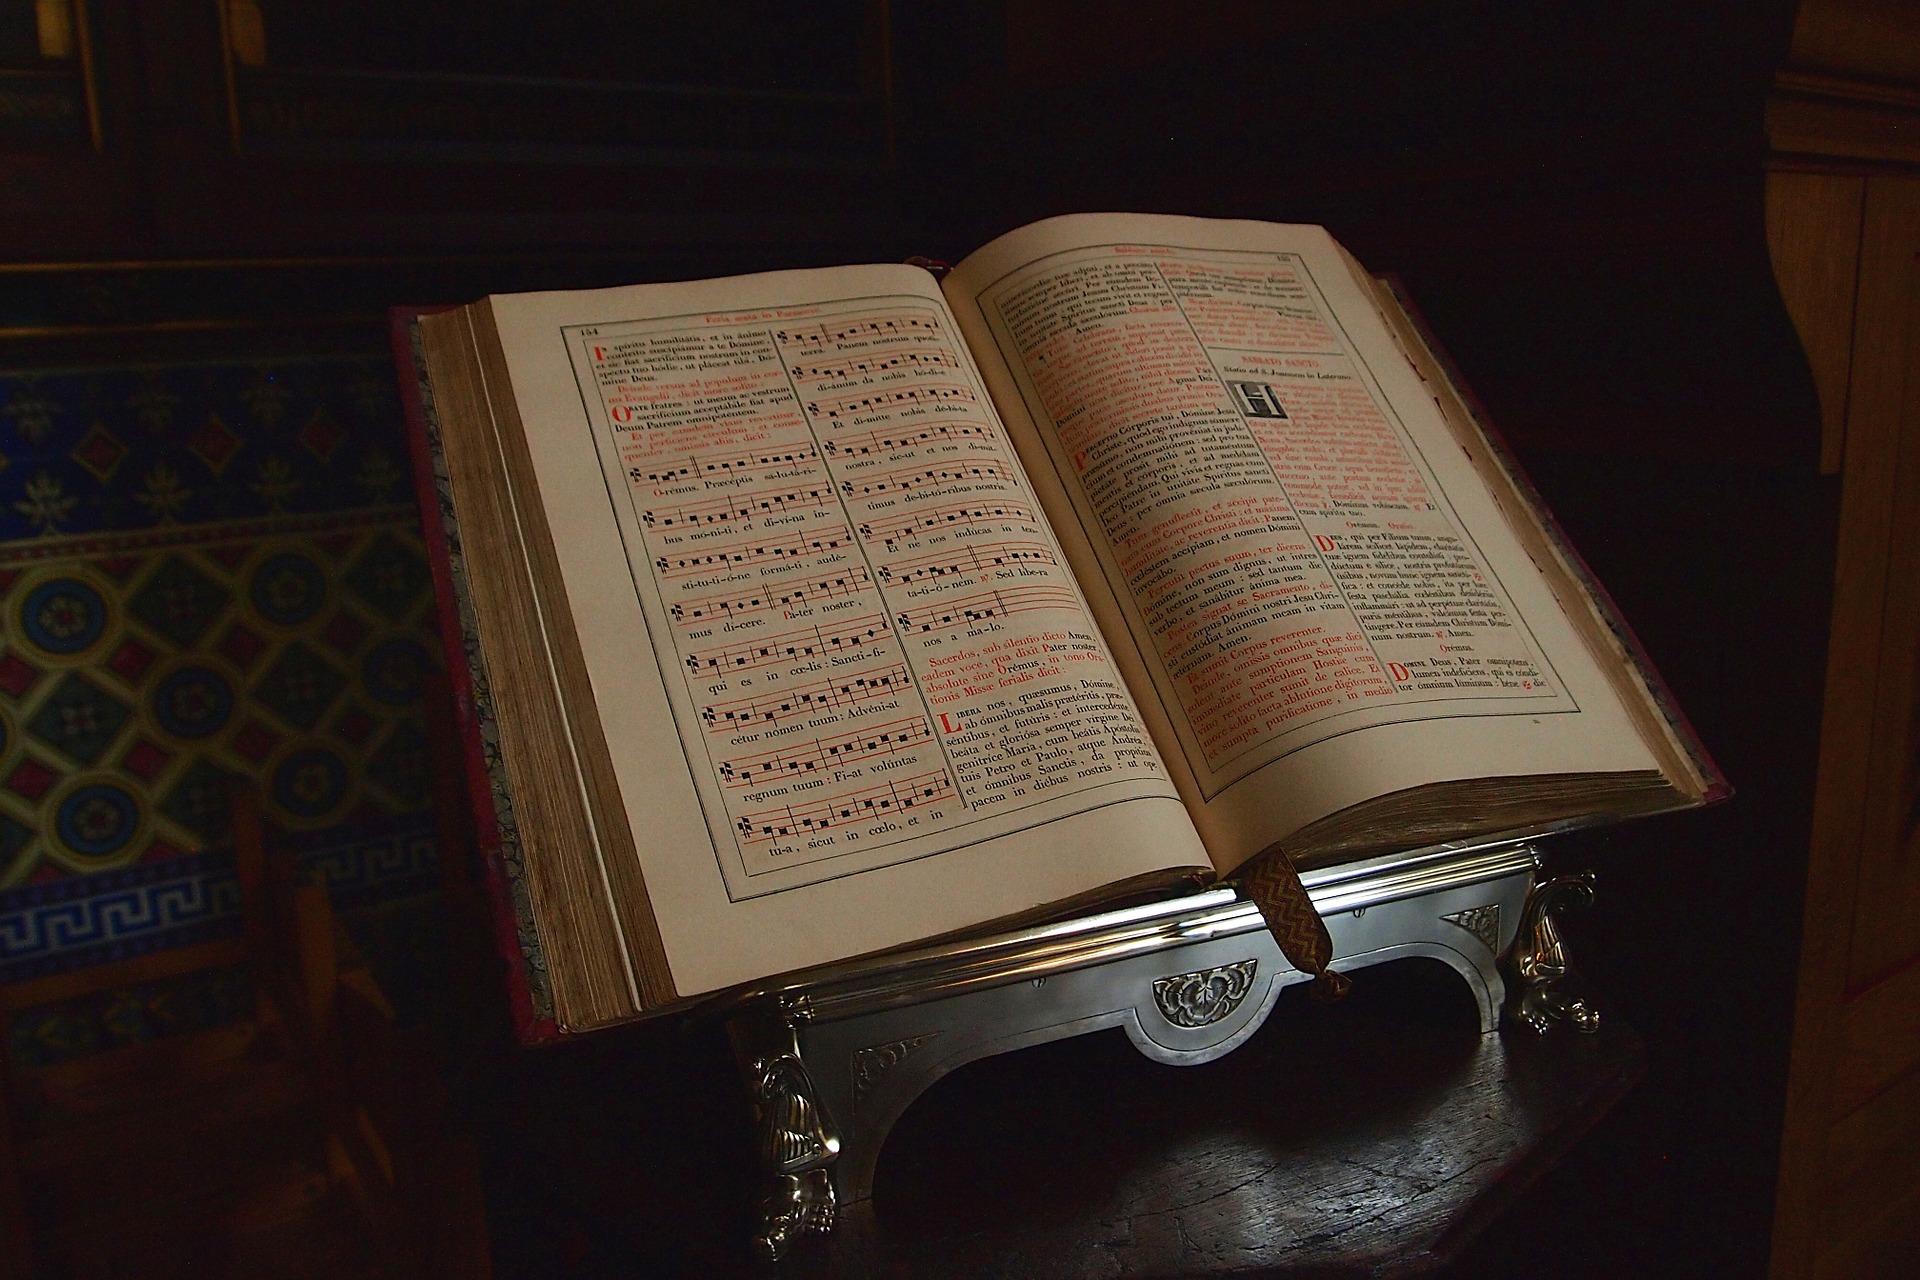 bible-1113483_1920.jpg